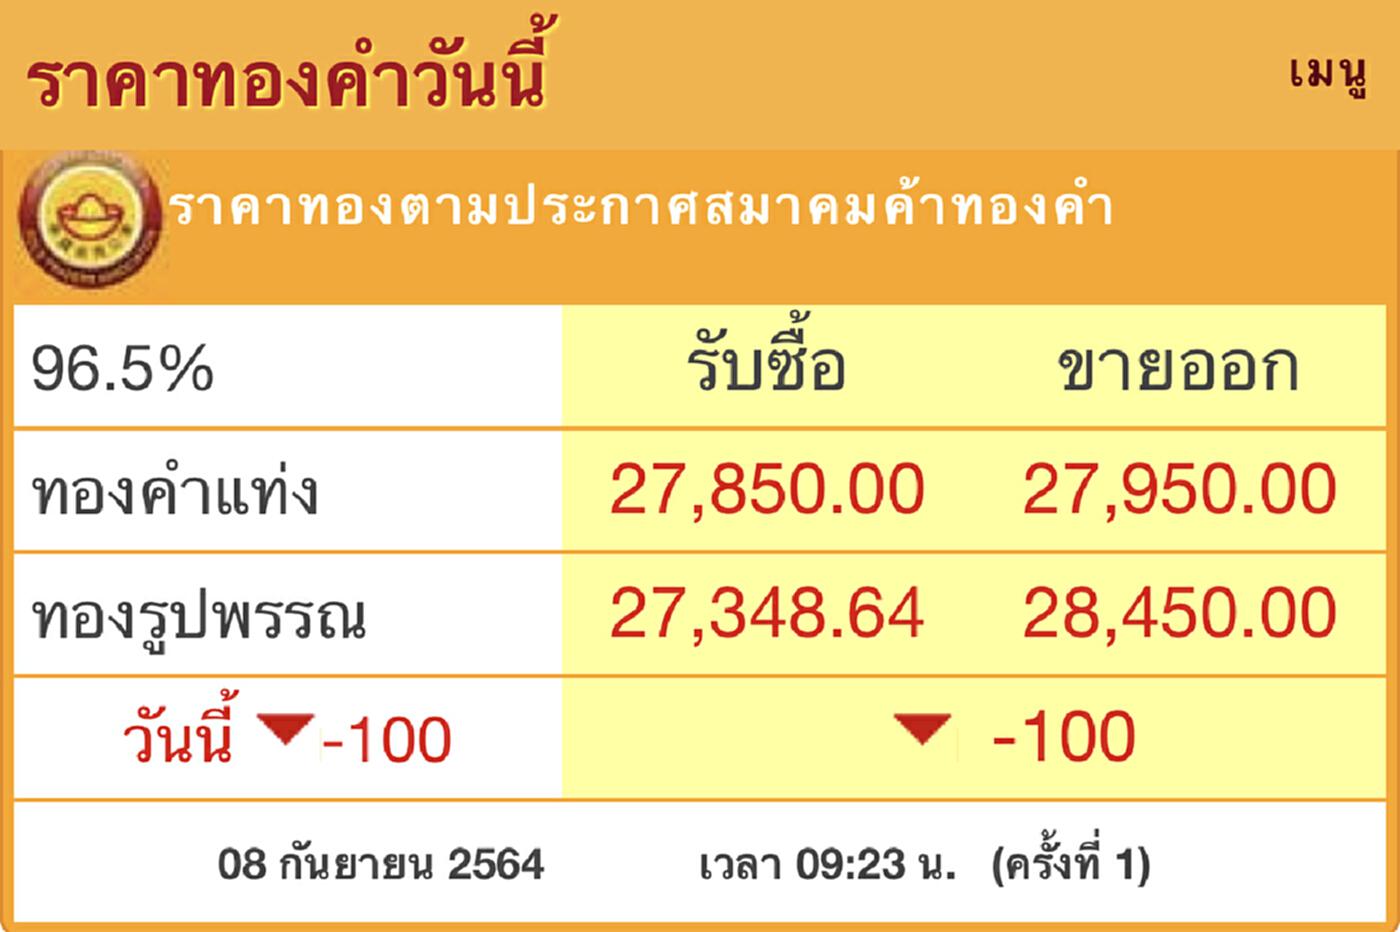 'ราคาทอง'วันนี้ (8ก.ย.) เปิดตลาด ร่วง100บาท